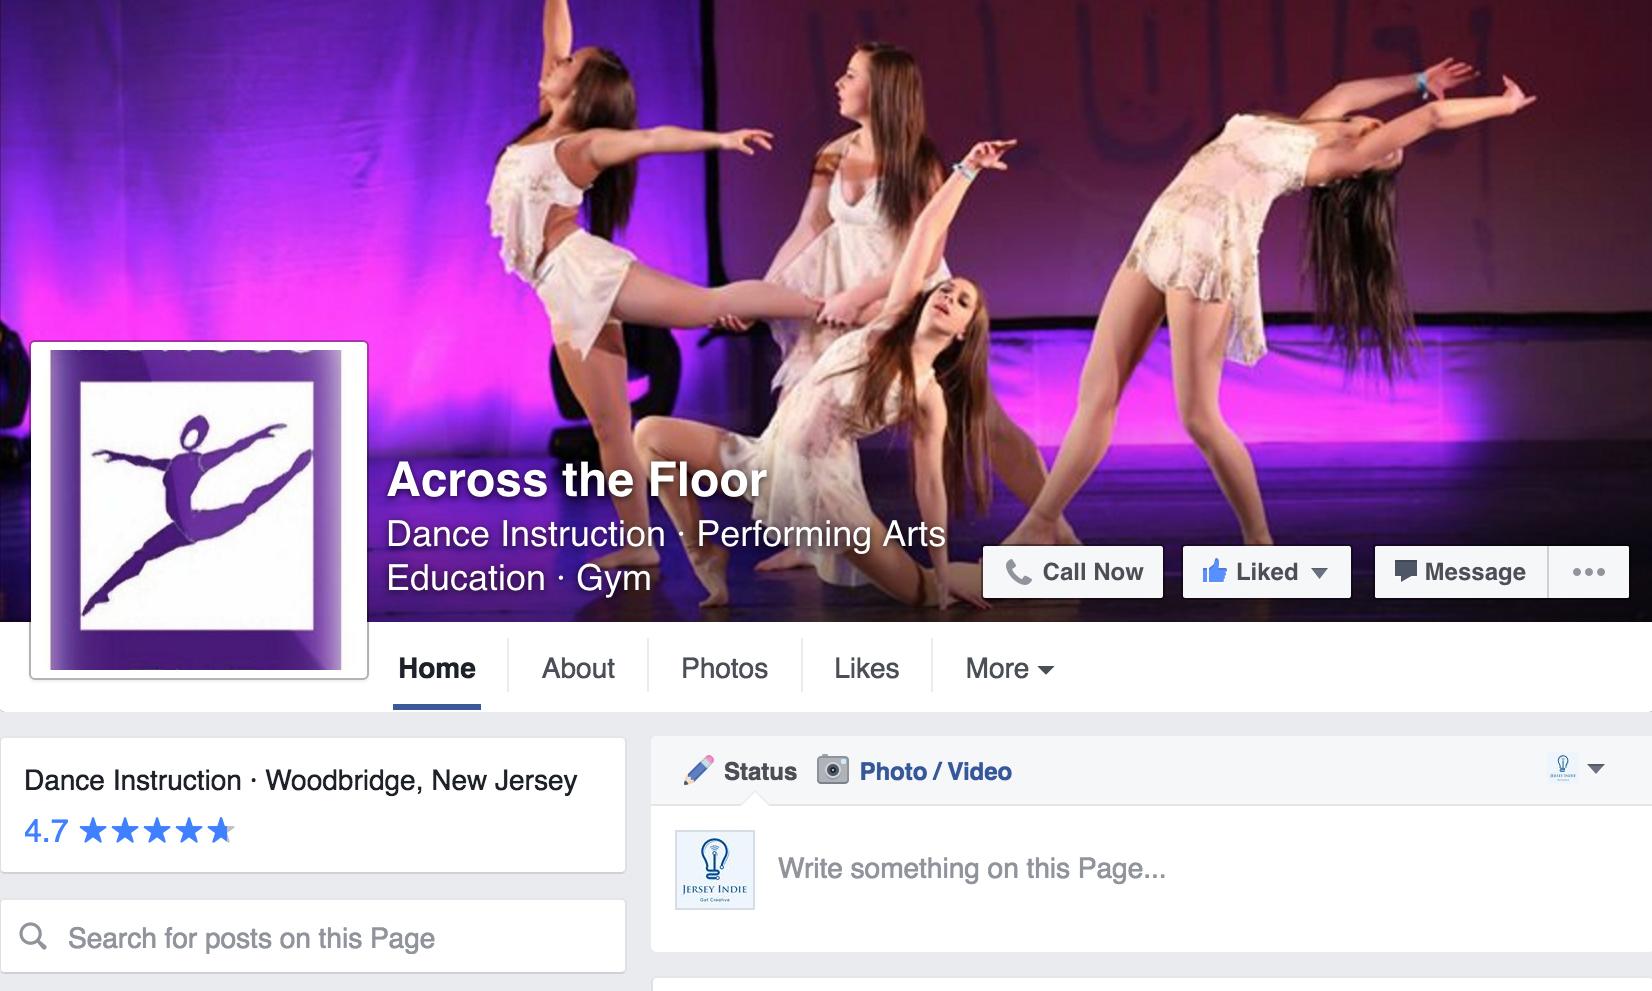 facebook.com/Across-the-Floor